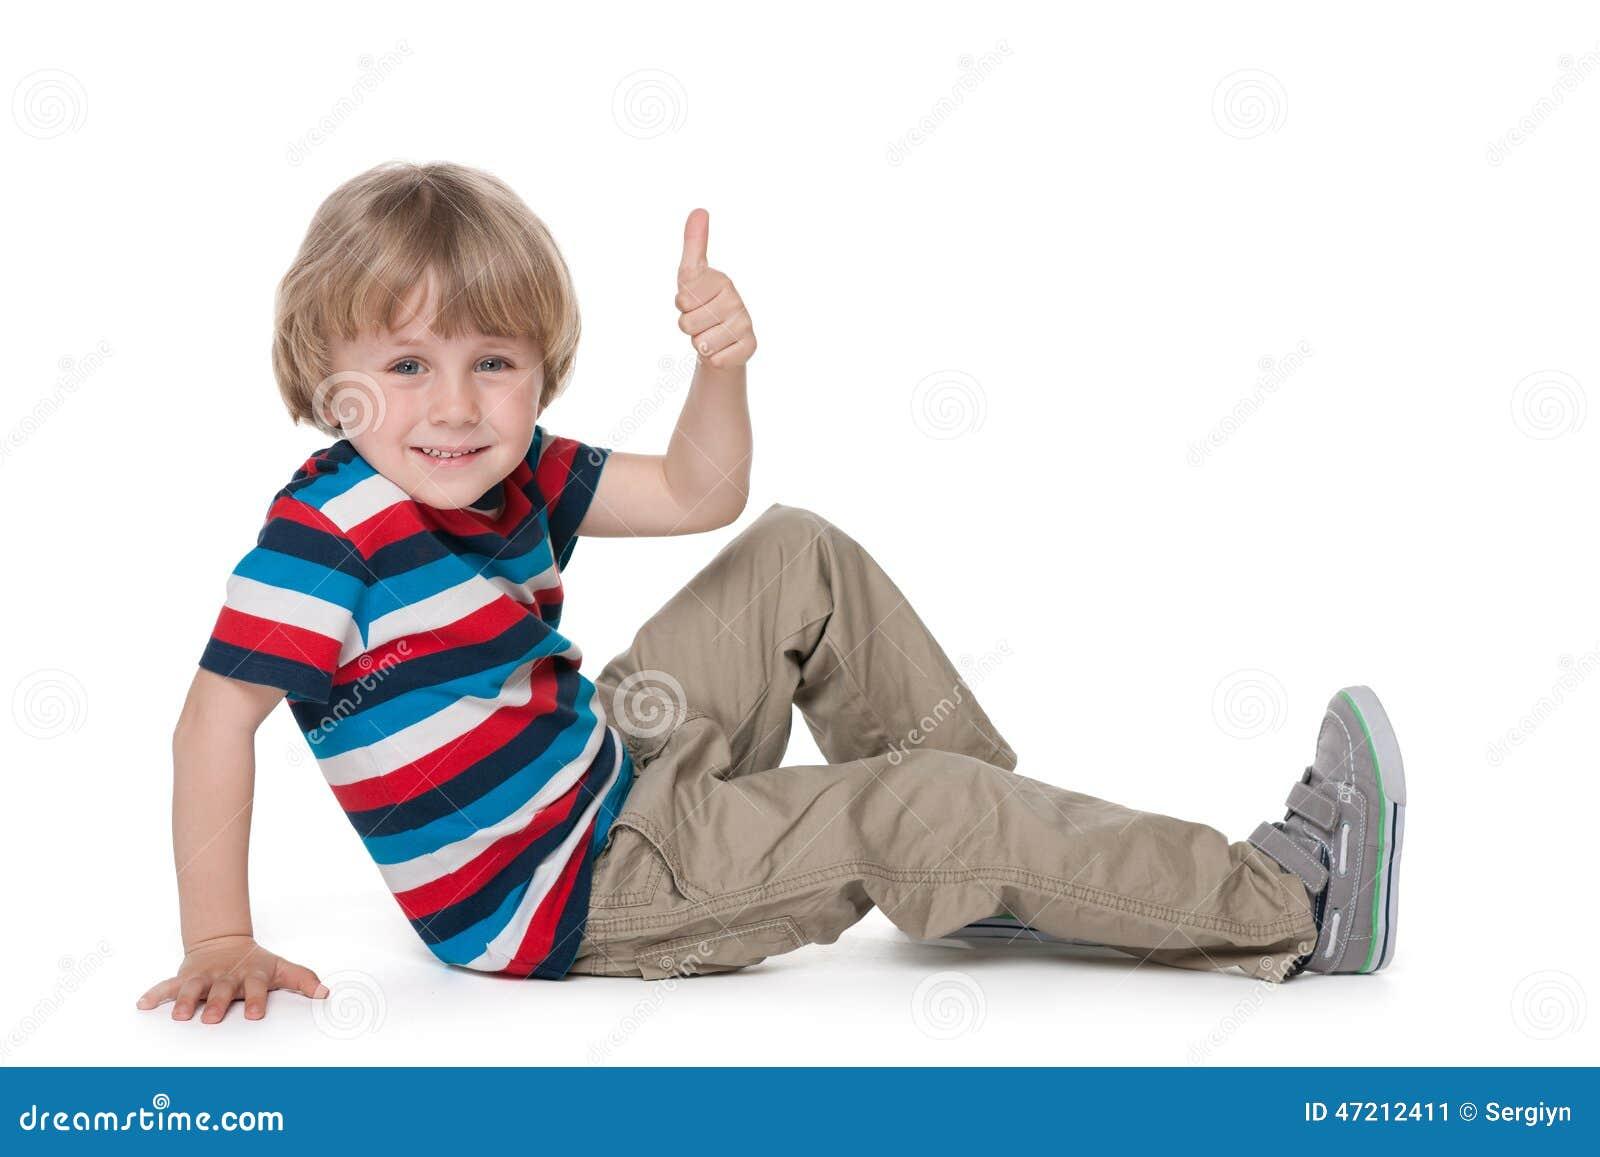 kleiner blonder junge sitzt auf dem boden stockbild bild von junge innen 47212411. Black Bedroom Furniture Sets. Home Design Ideas